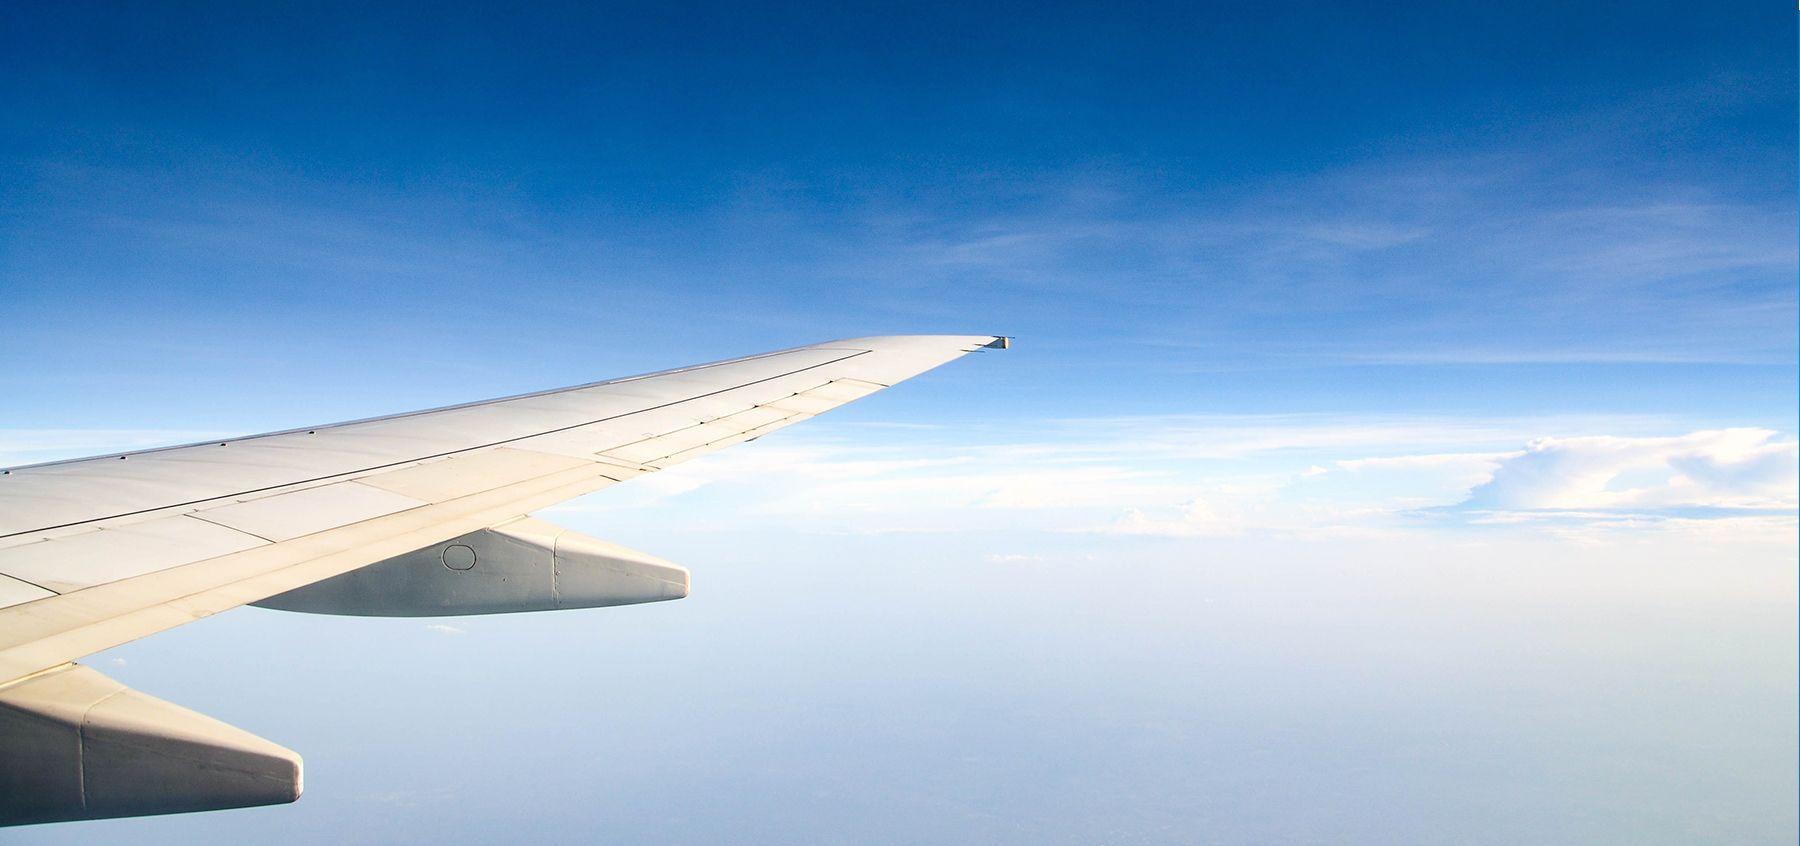 wing_in_flight